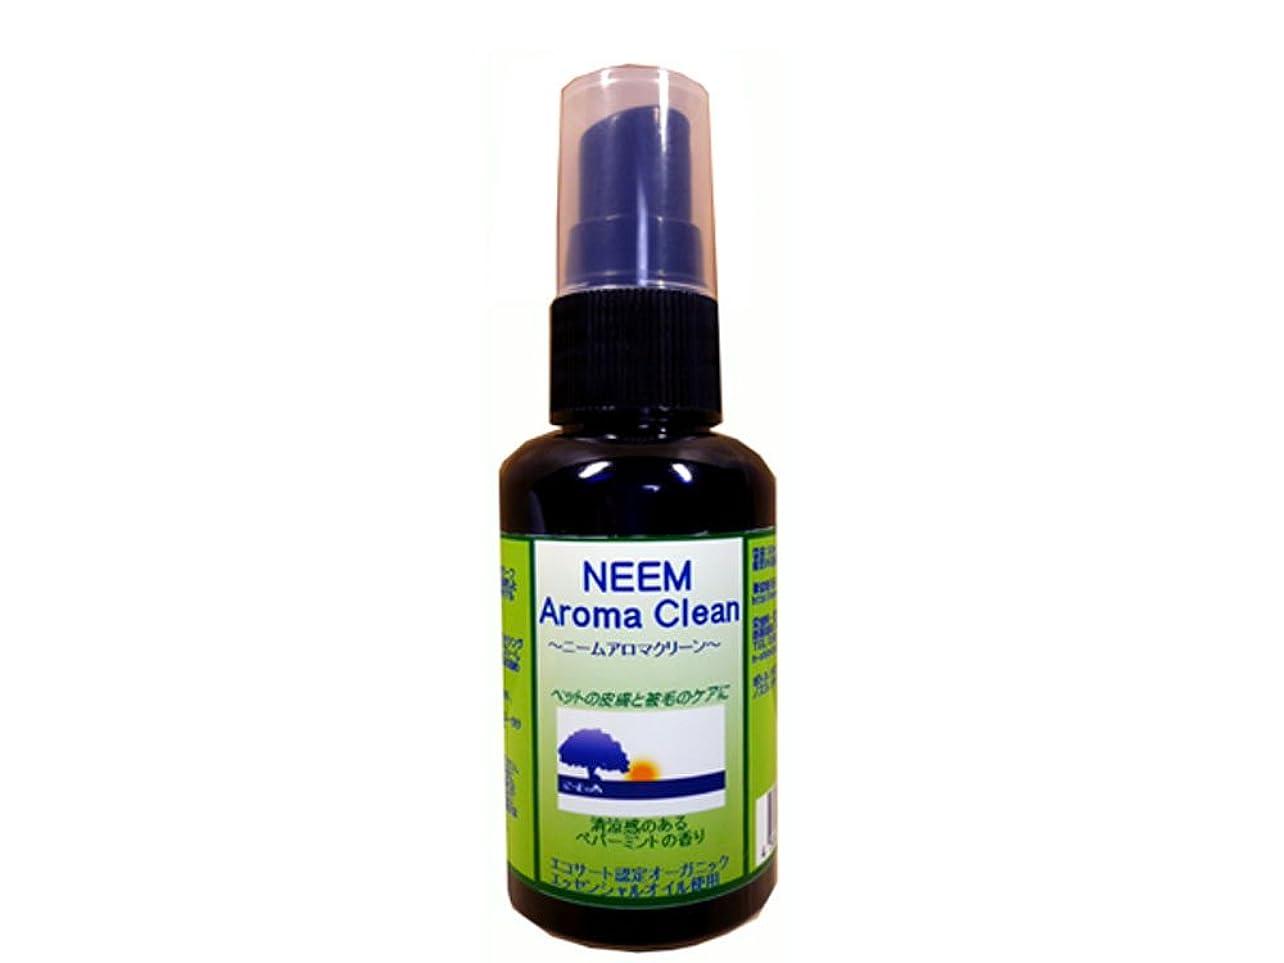 ペンス絶対にウェーハニームアロマクリーン(ペパーミント) NEEM Aroma Clean 50ml 【BLOOM】【(ノミ?ダニ)駆除用としてもお使いいただけます。】